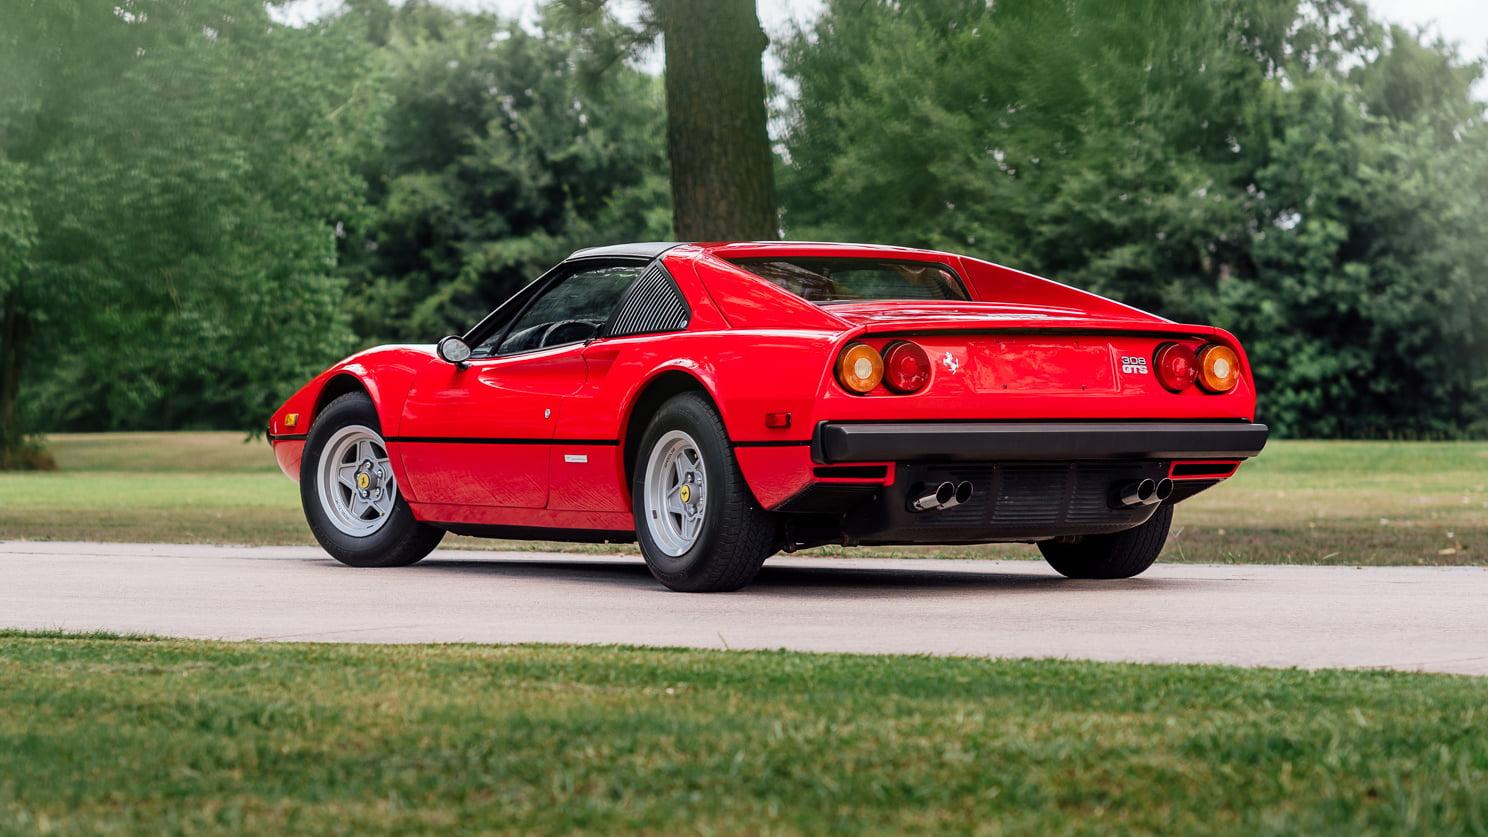 1979 Ferrari 308 GTS Mecum rear 3/4